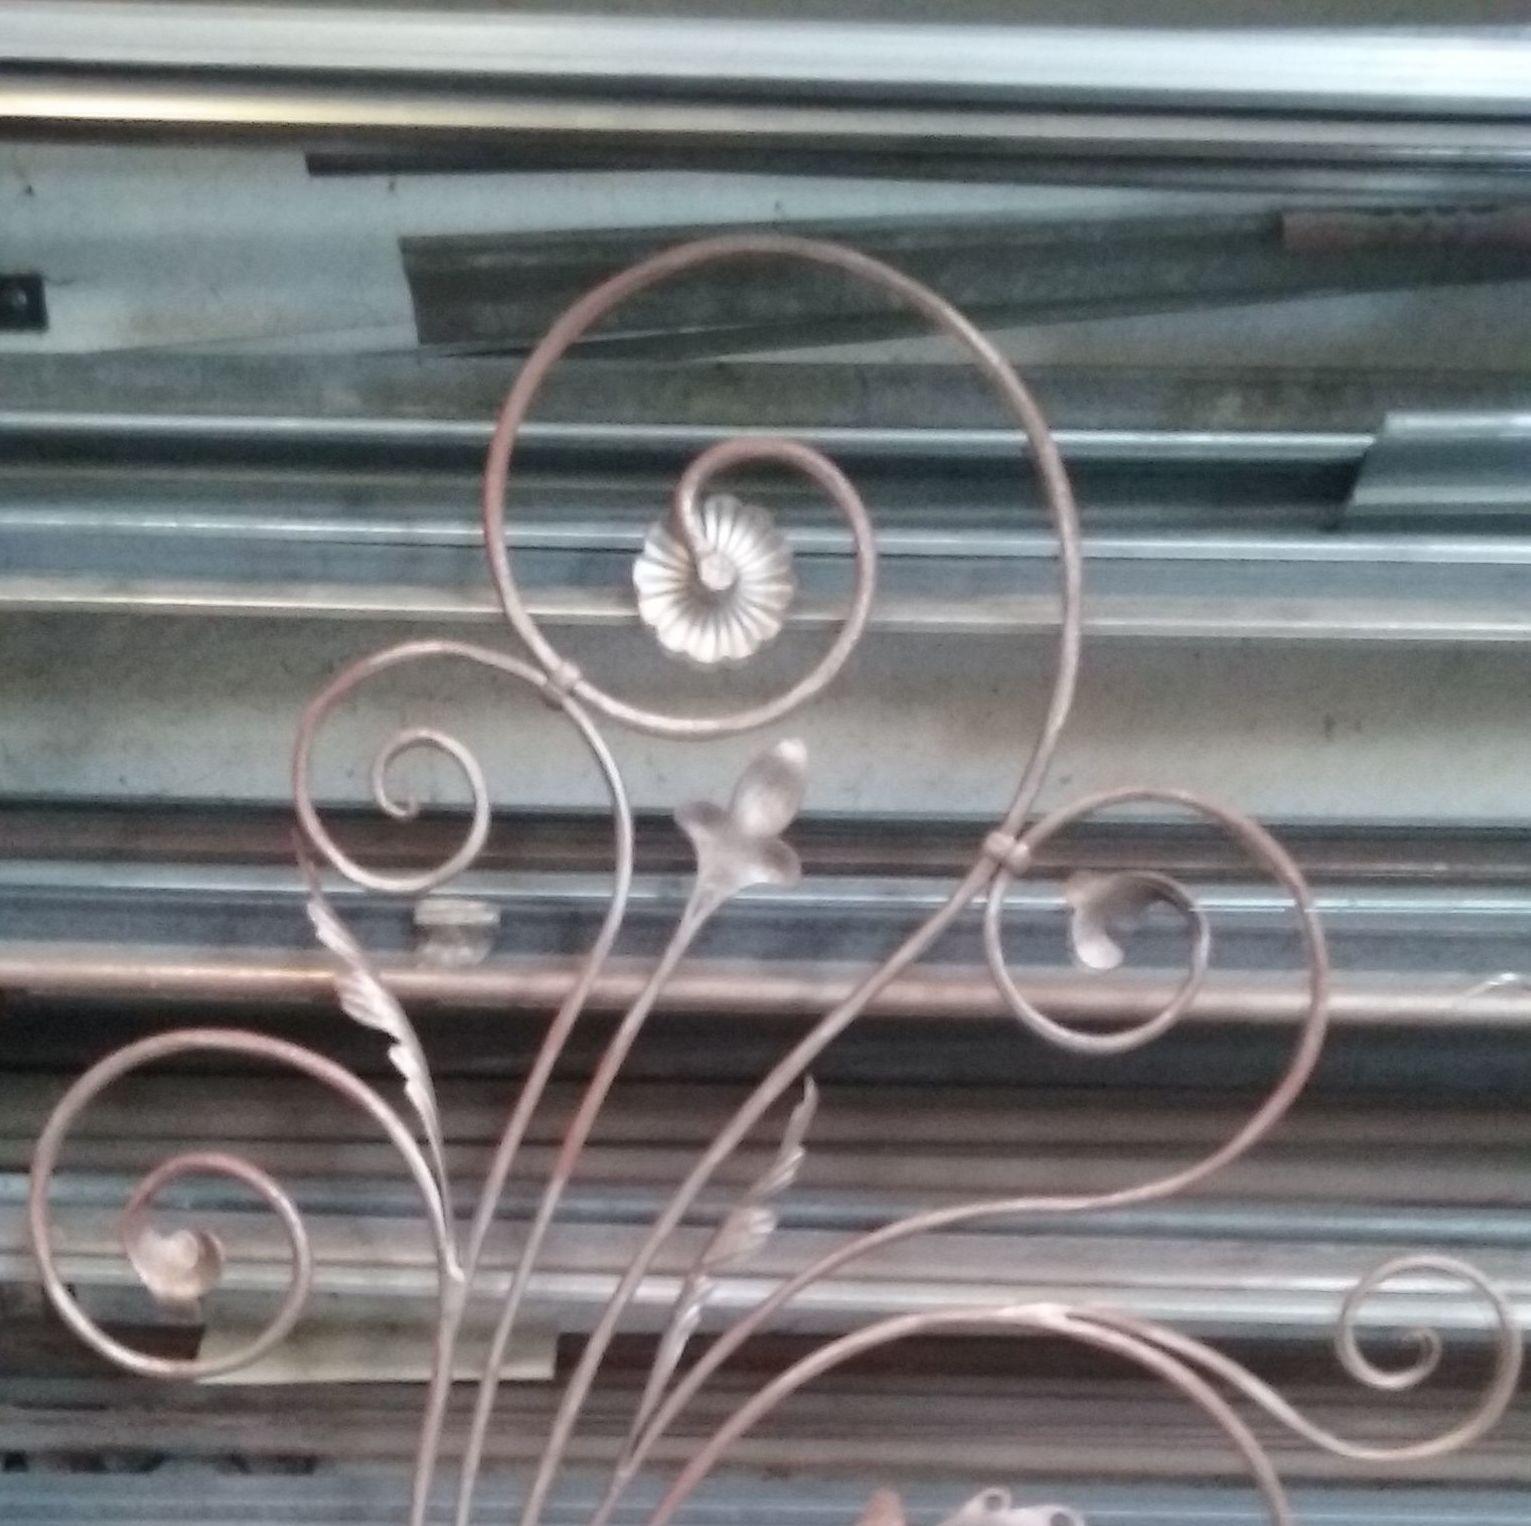 Foto 35 de Carpintería de aluminio, metálica y PVC en  | Exposición, Carpintería de aluminio- toldos-cerrajeria - reformas del hogar.